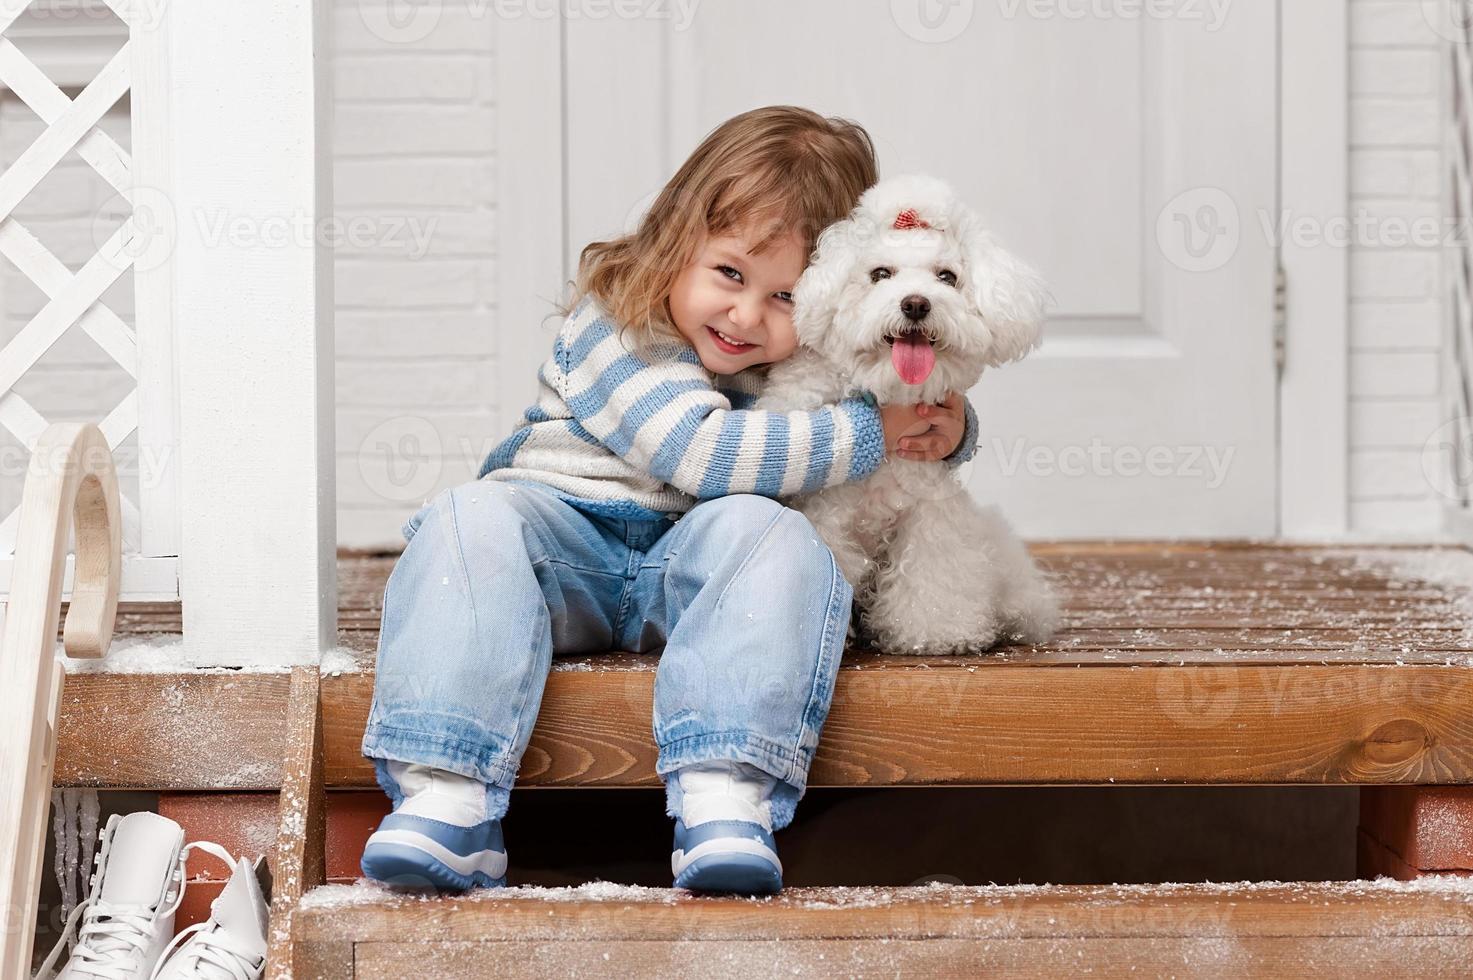 meisje met een hond op de veranda foto